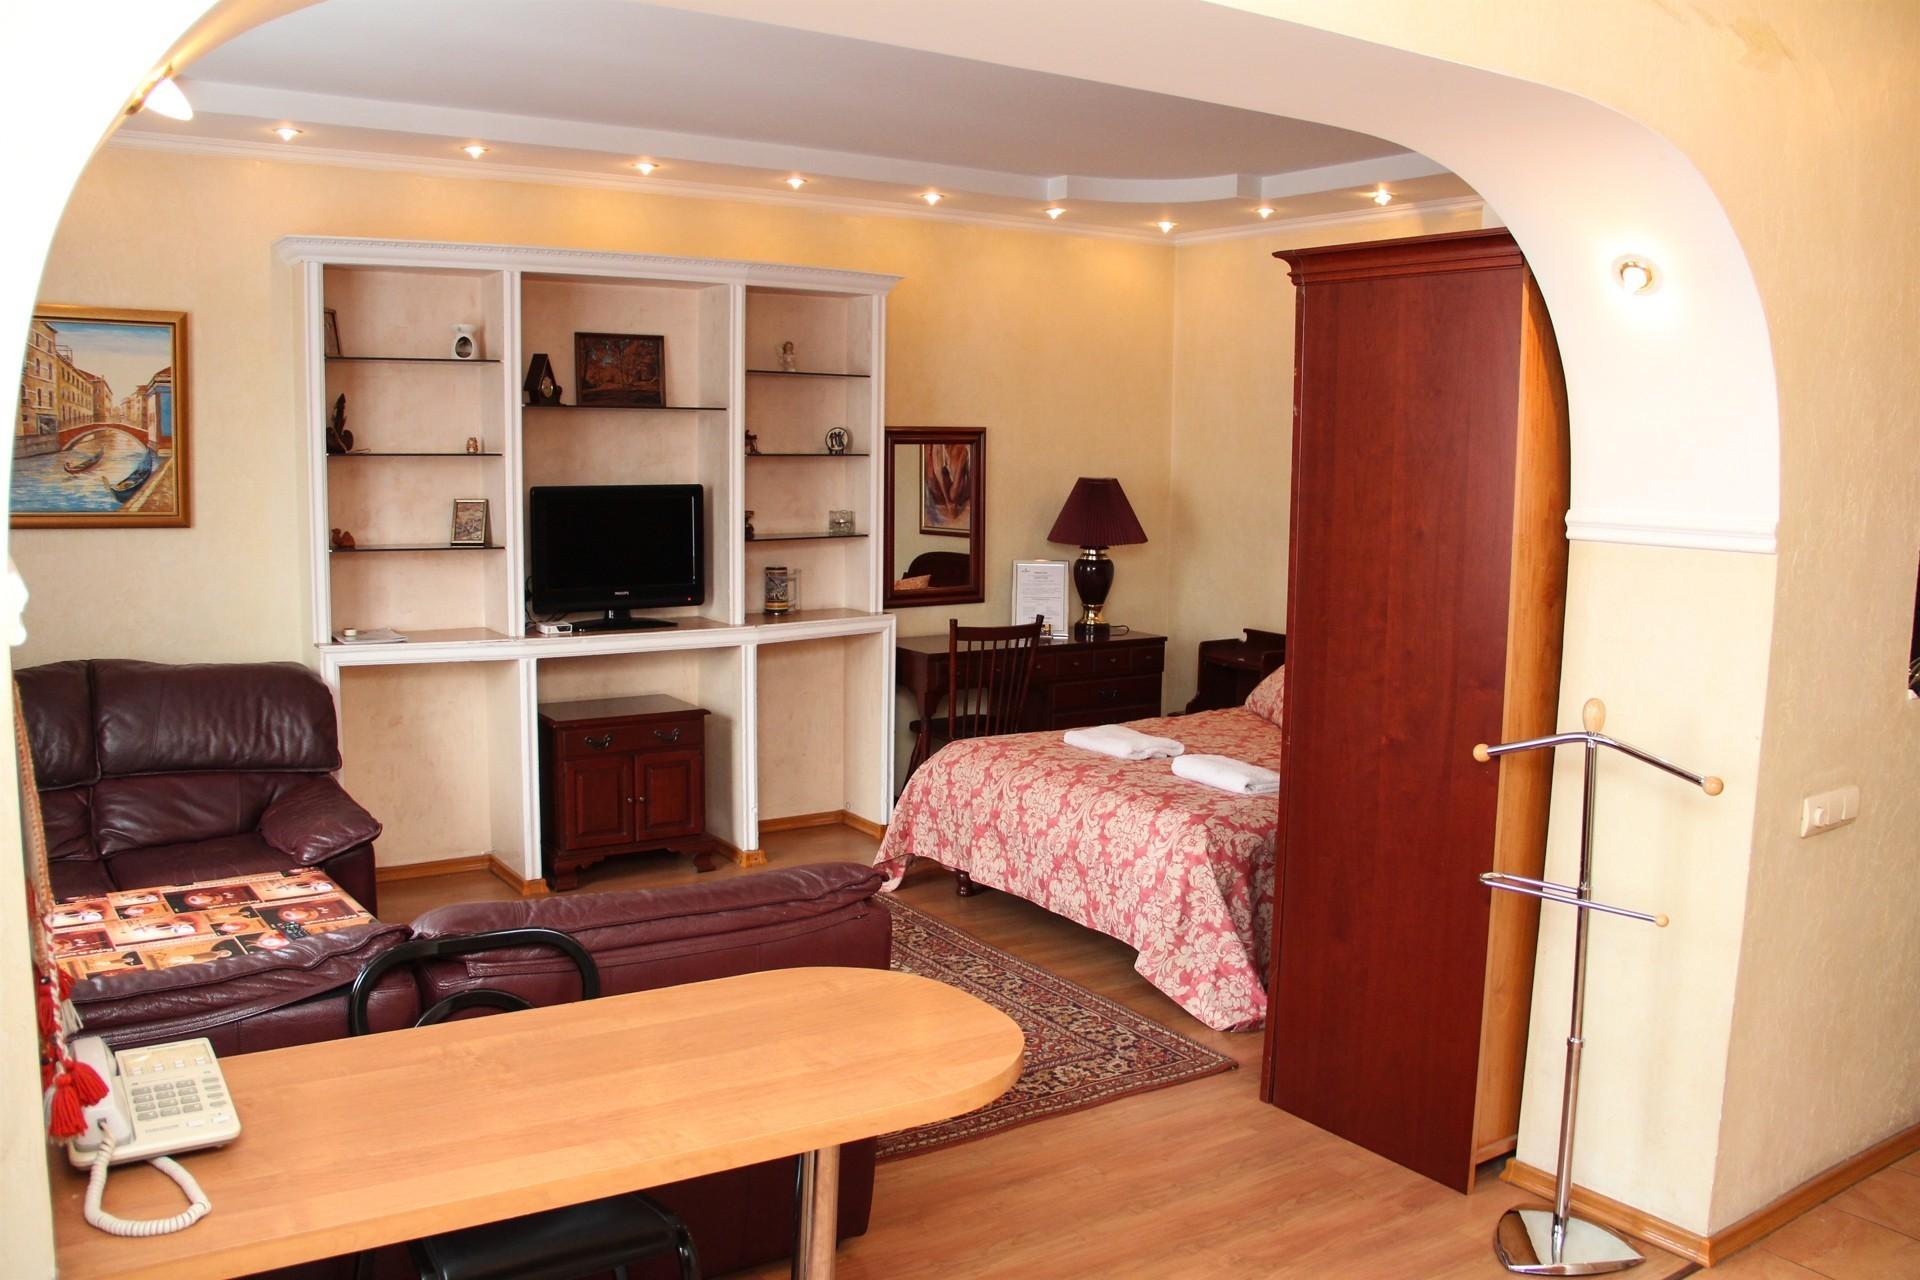 спальное место в однокомнатной квартире фото